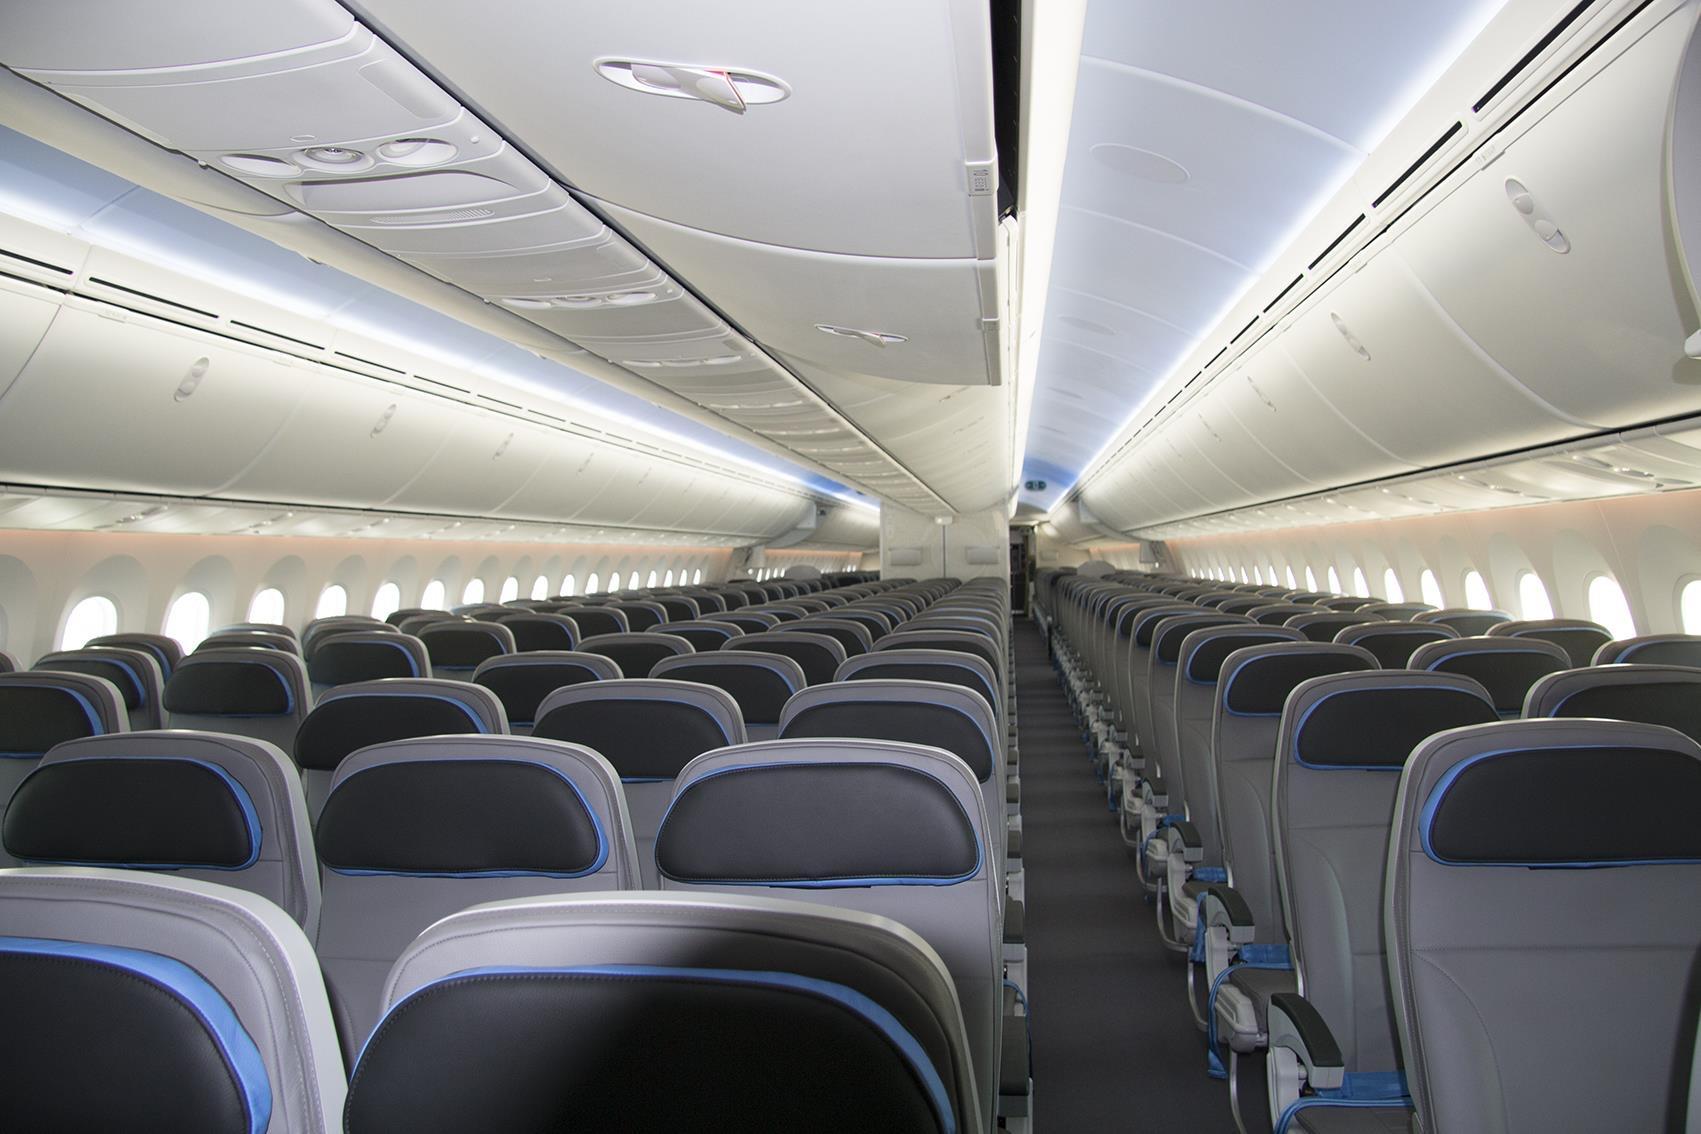 Scopriamo gli interni del nuovo boeing 787 9 della neos for Immagini di interni